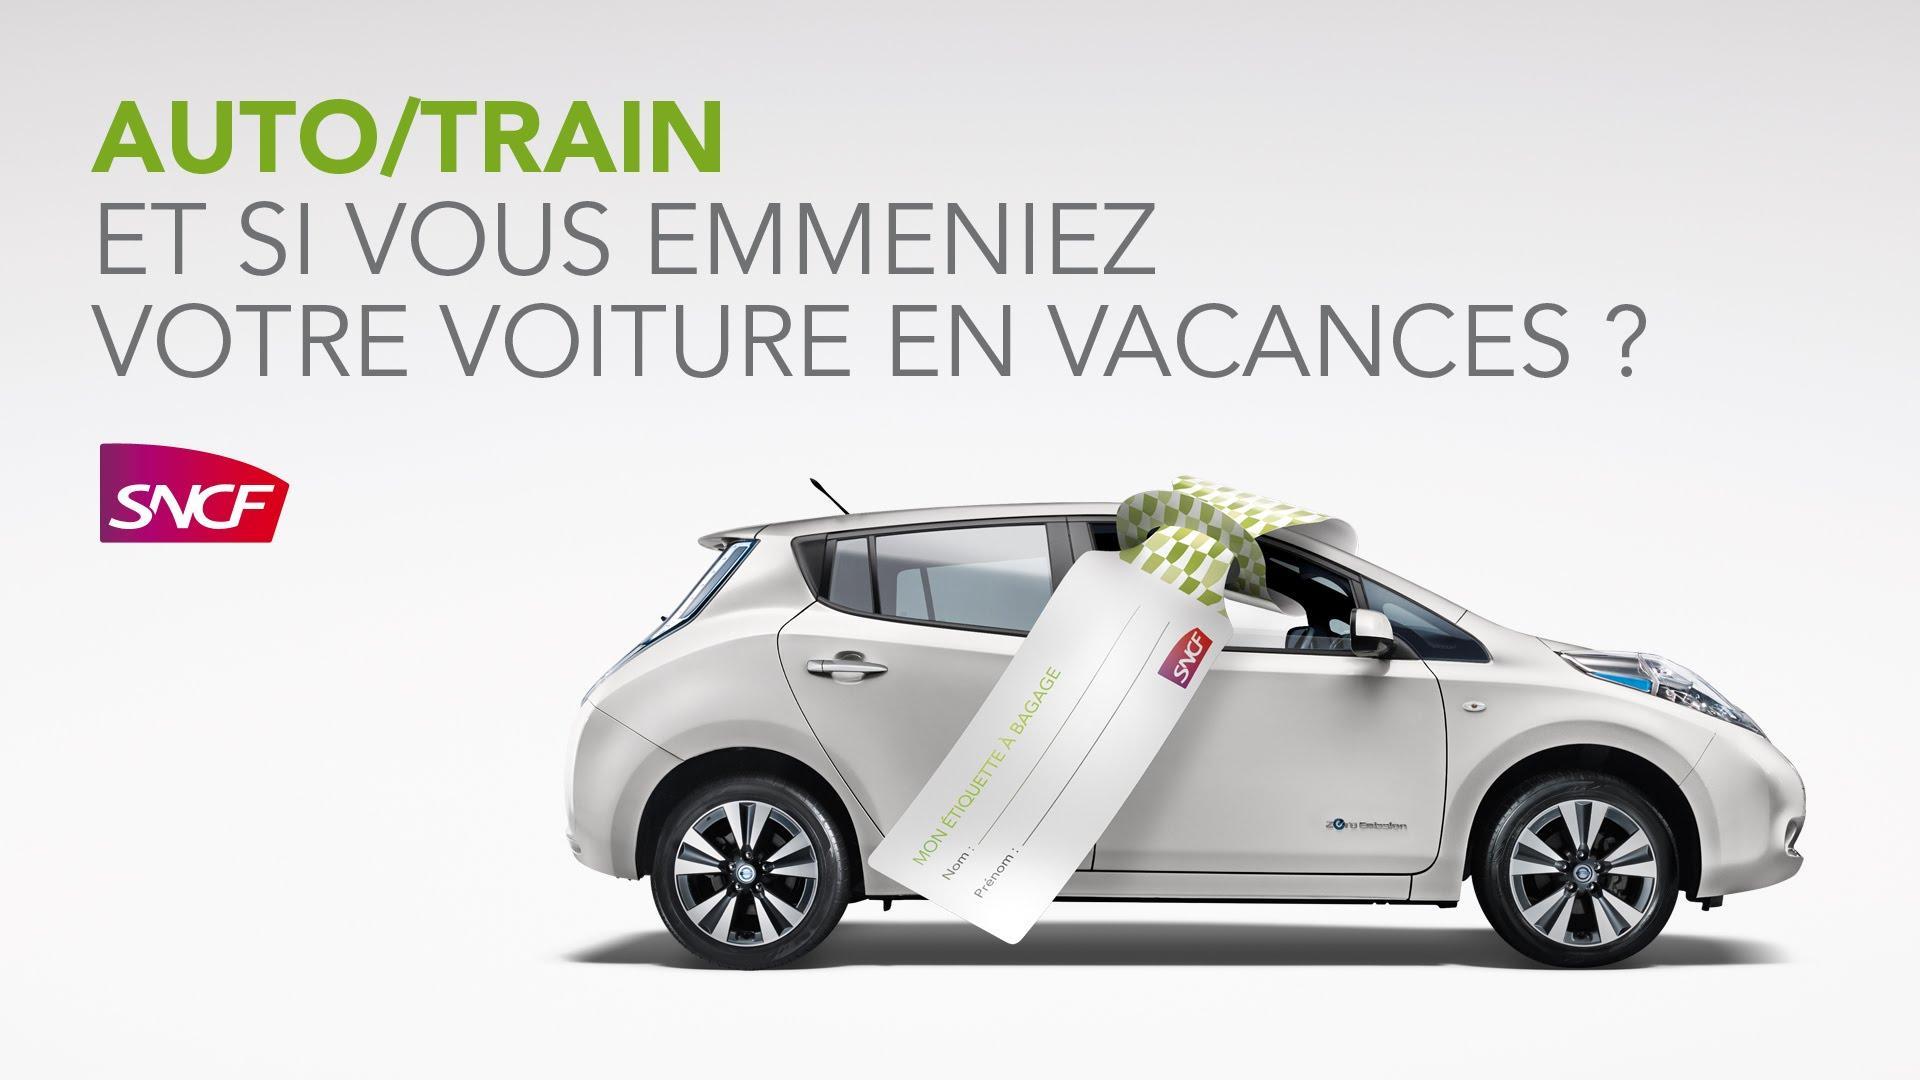 Service AutoTrain (Transport de véhicule par train)